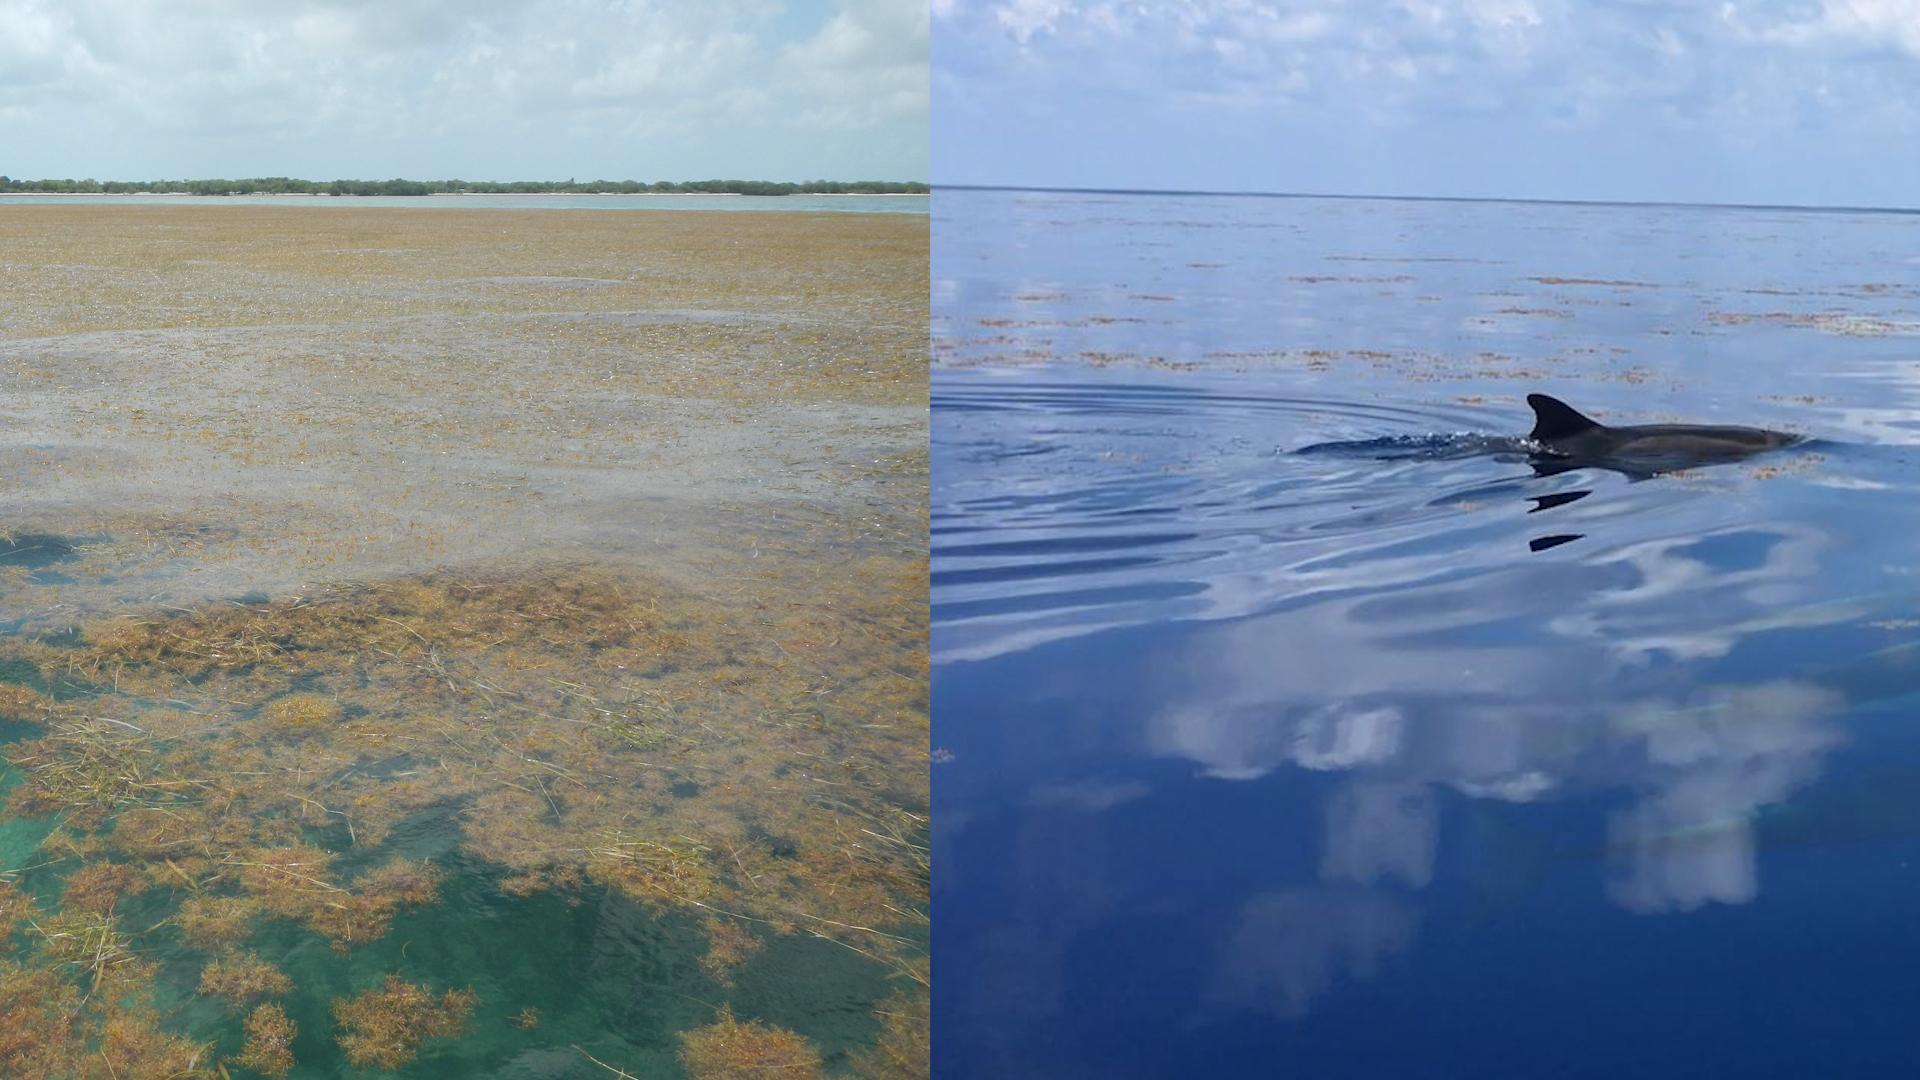 NASA Satellites Find Biggest Seaweed Bloom in the World   NASA